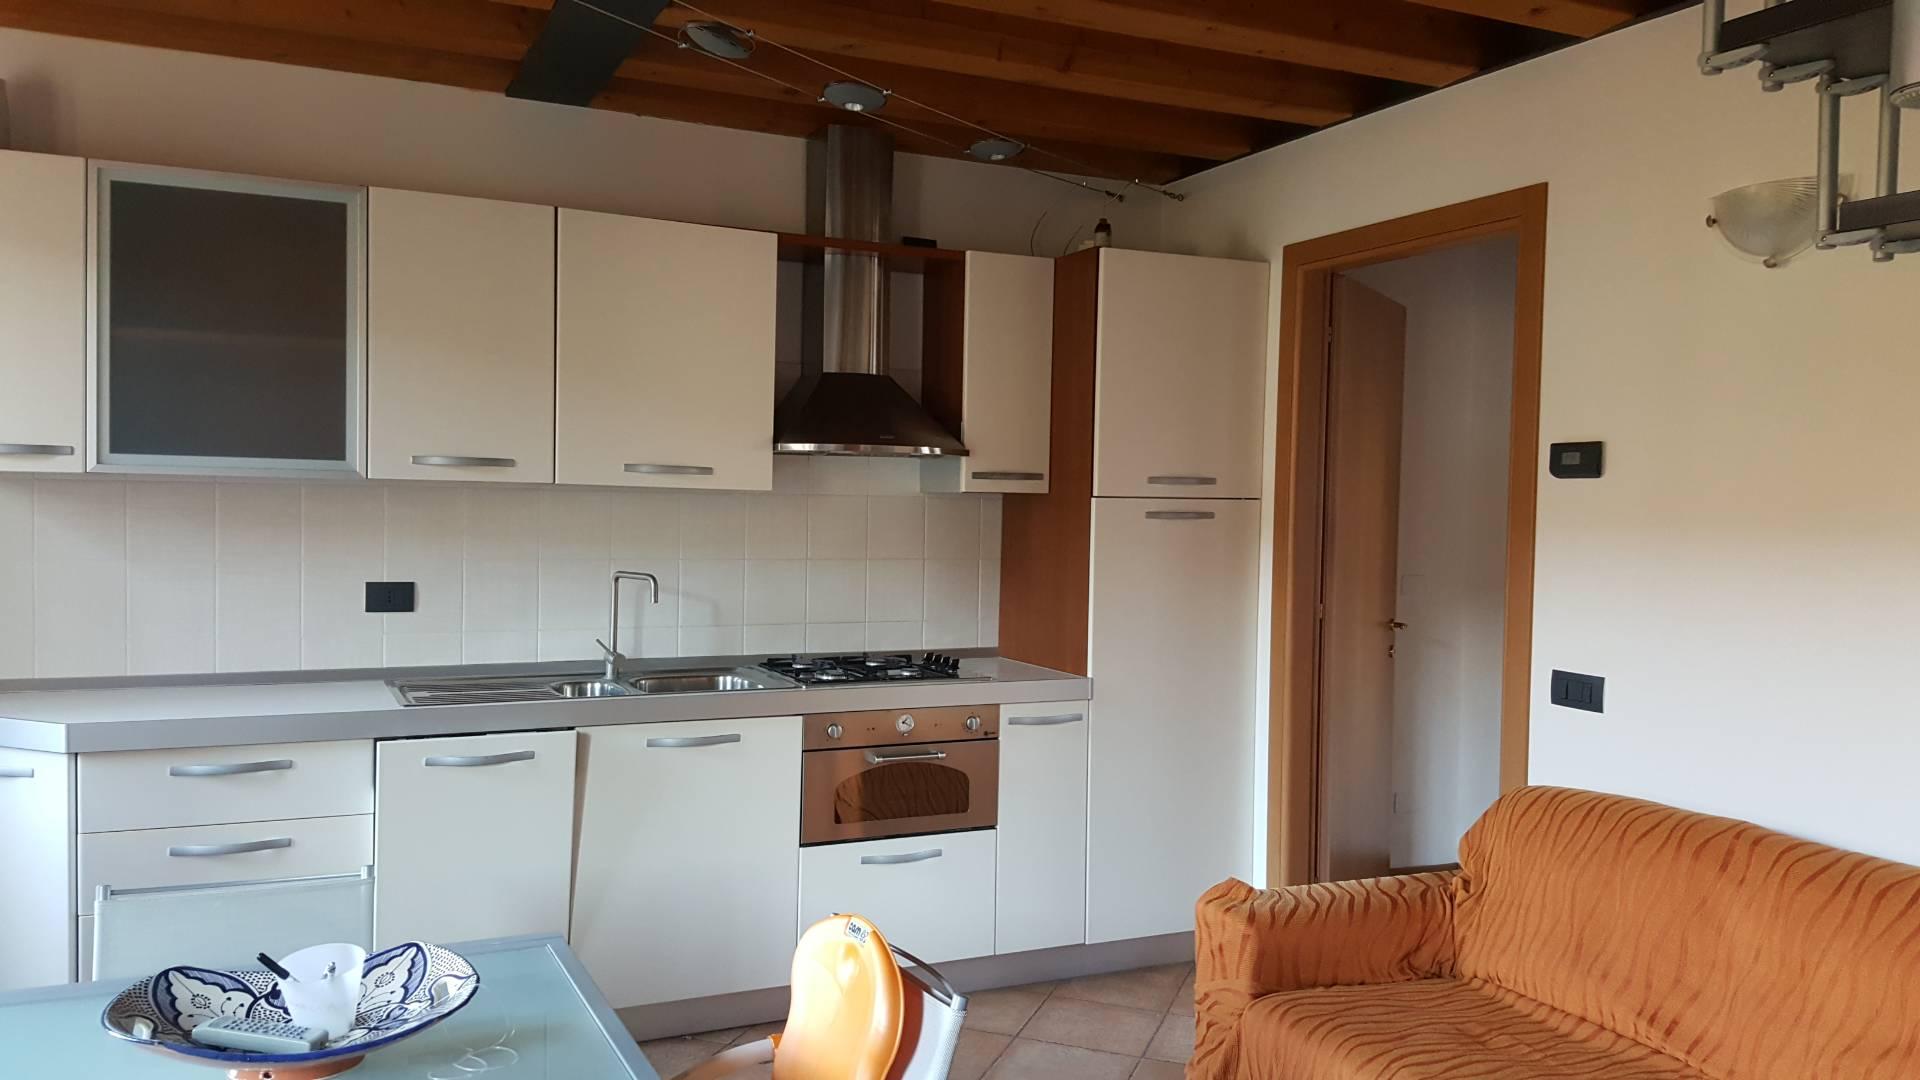 Appartamento in vendita a Soave, 3 locali, prezzo € 125.000   CambioCasa.it